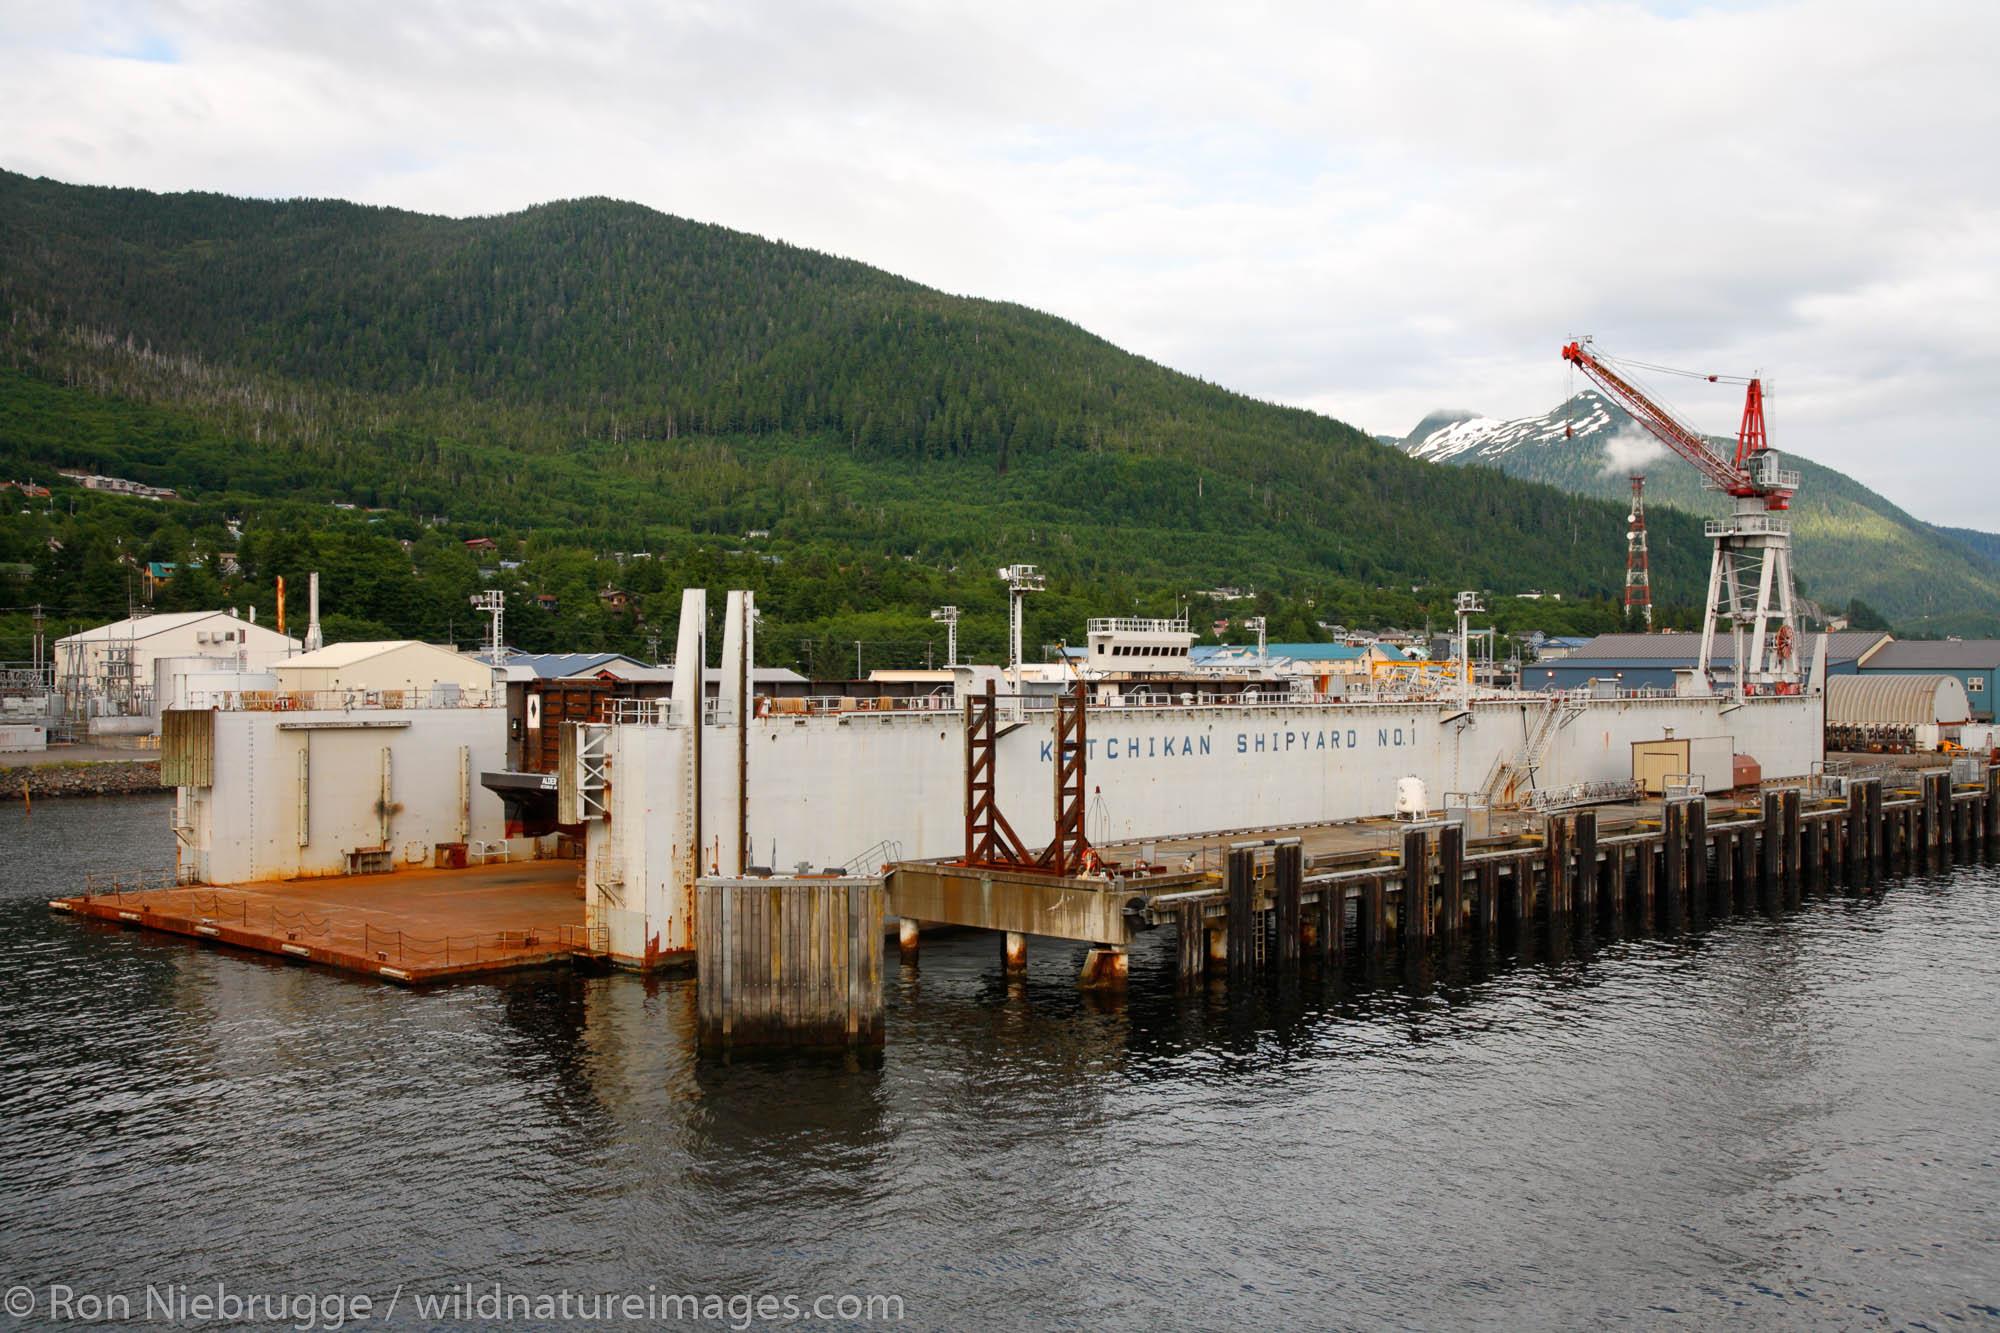 Ketchikan Dry Dock and boat repair, Ketchikan, Alaska.